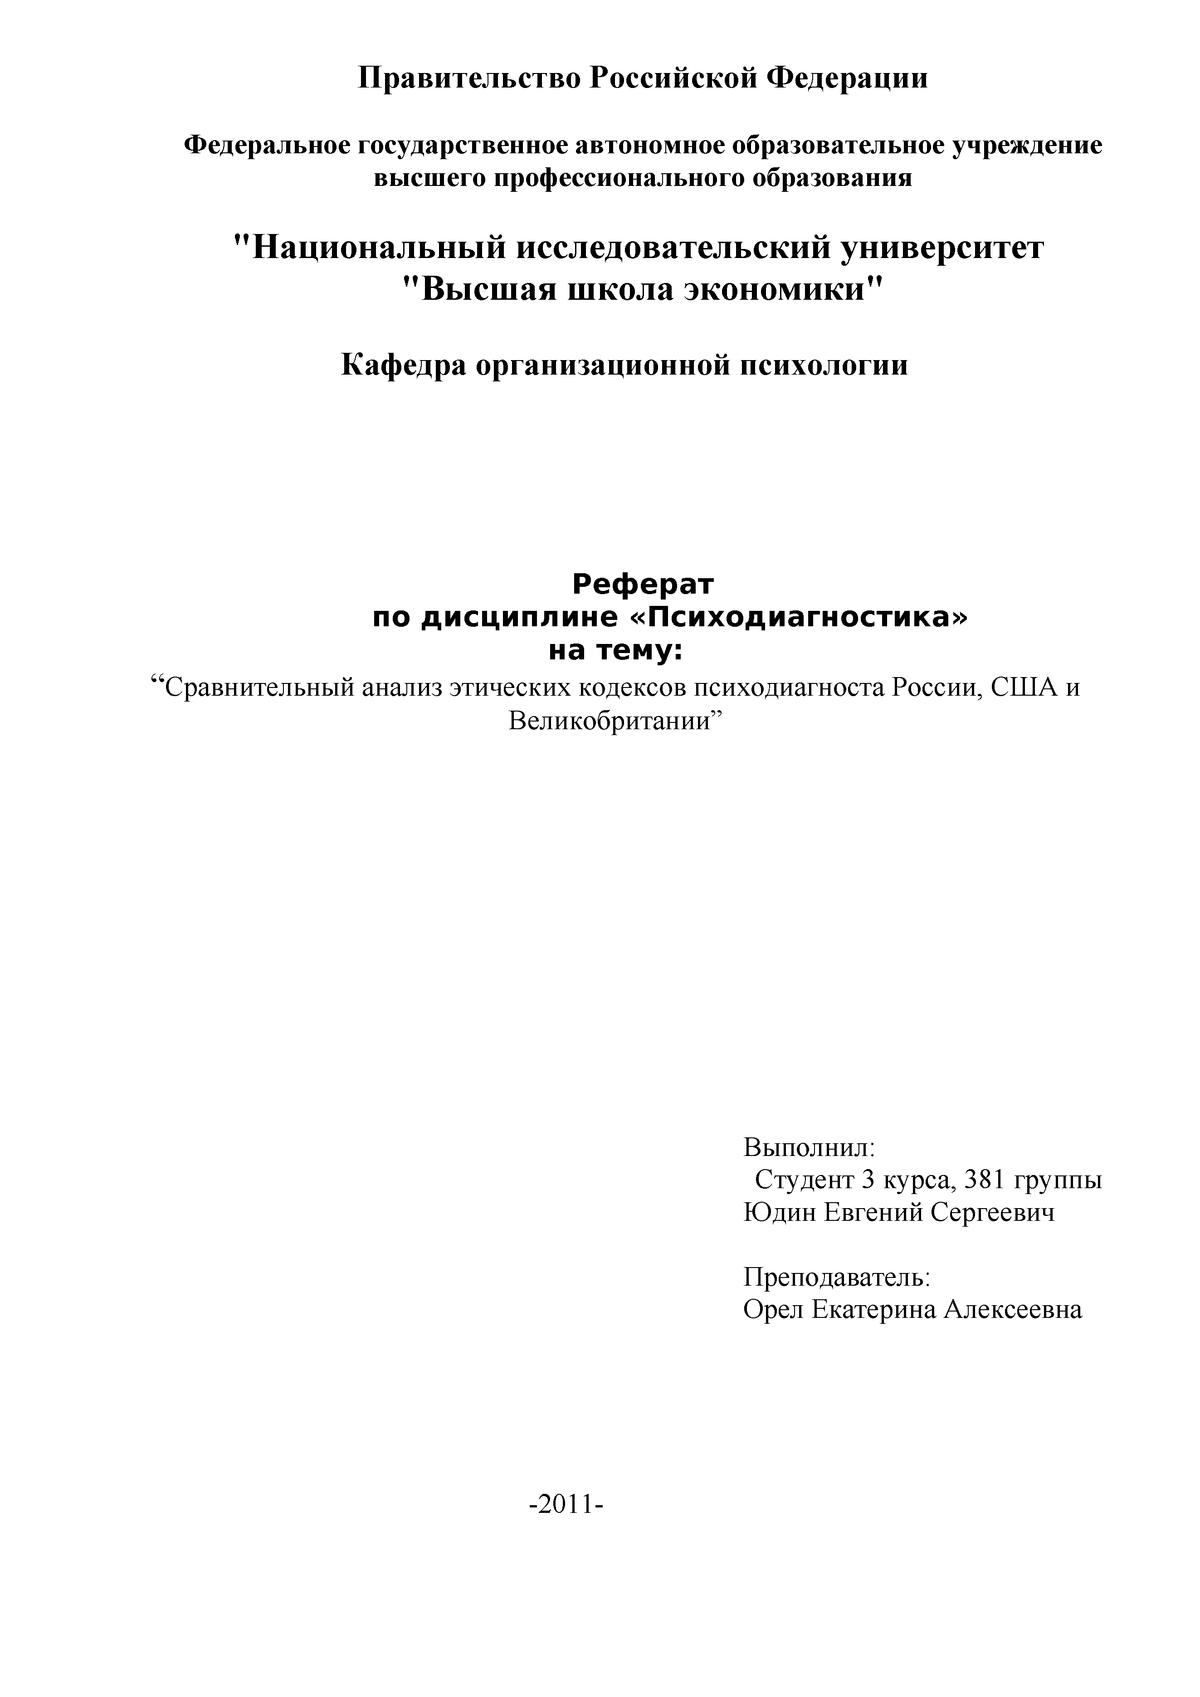 Реферат этический кодекс педагога психолога 2298